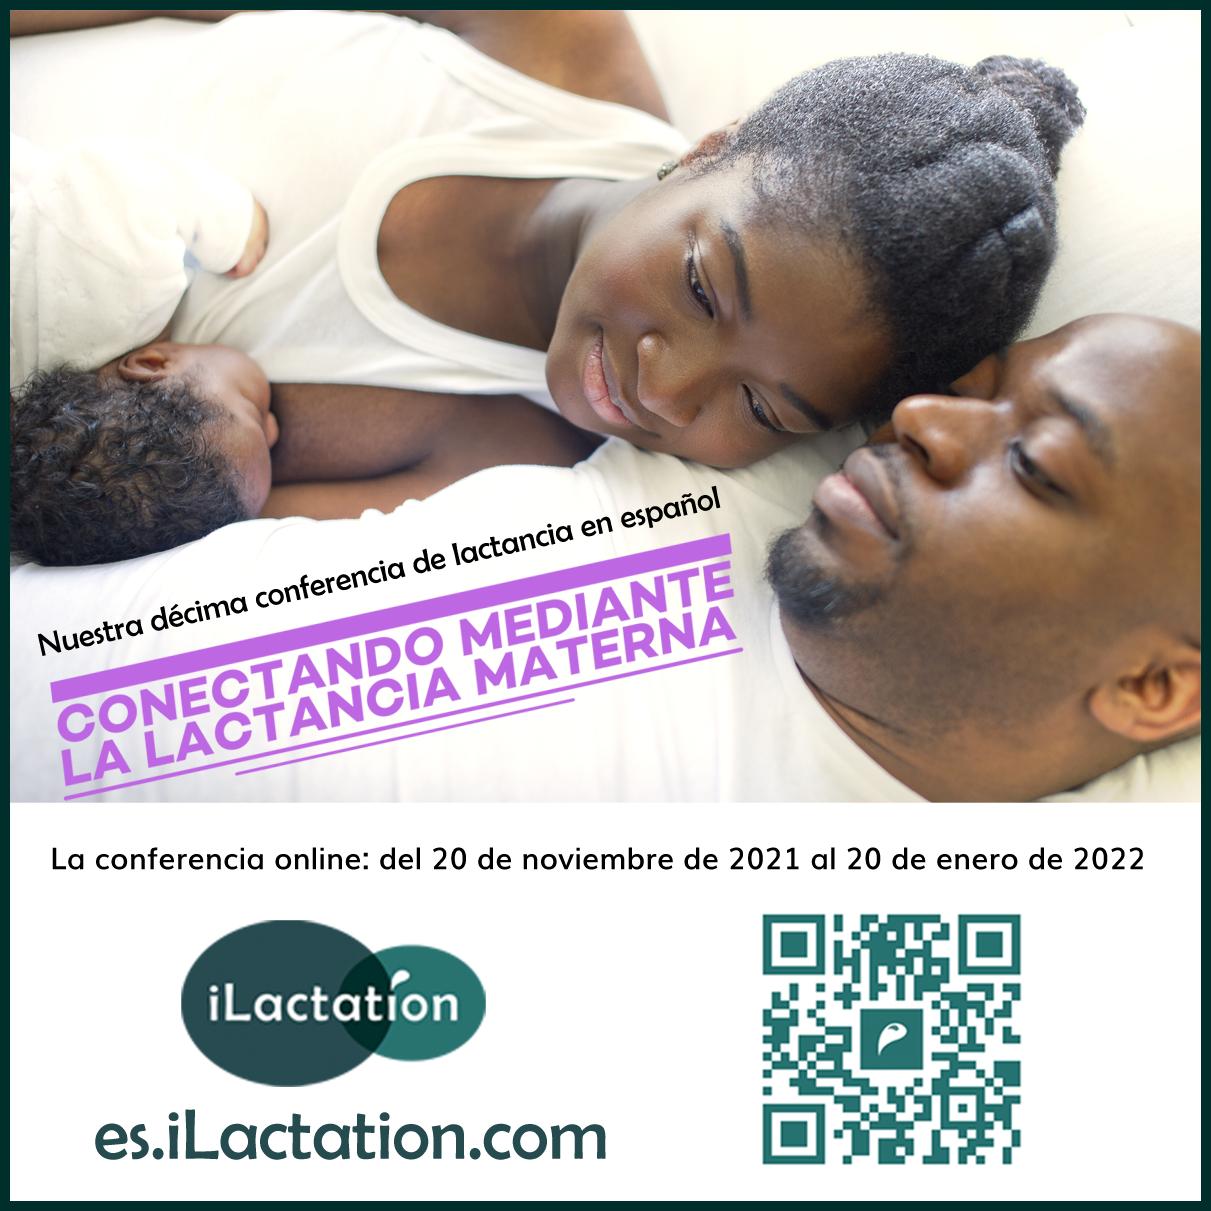 Insta - Conectando mediante la lactancia materna